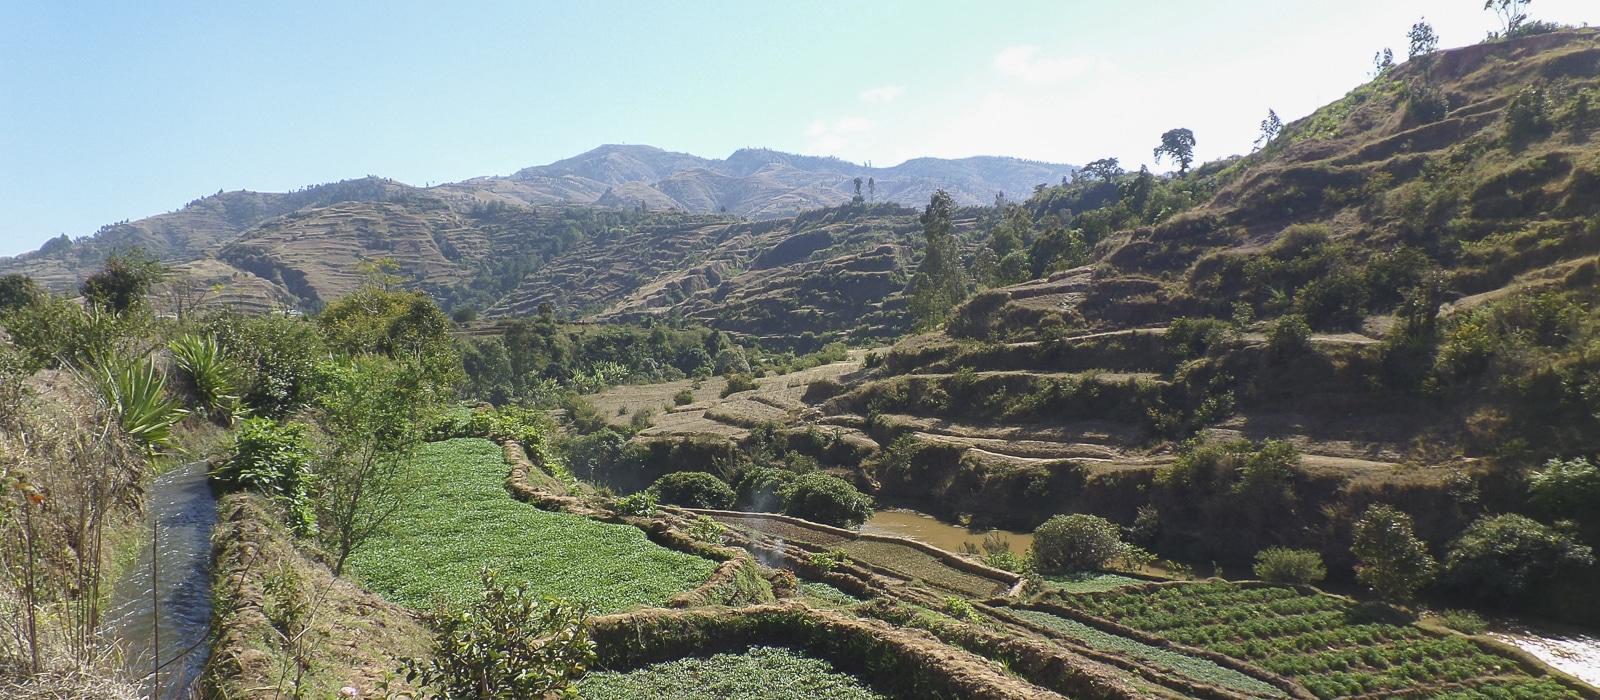 img-diapo-entete - Madagascar-1600x700-12.jpg